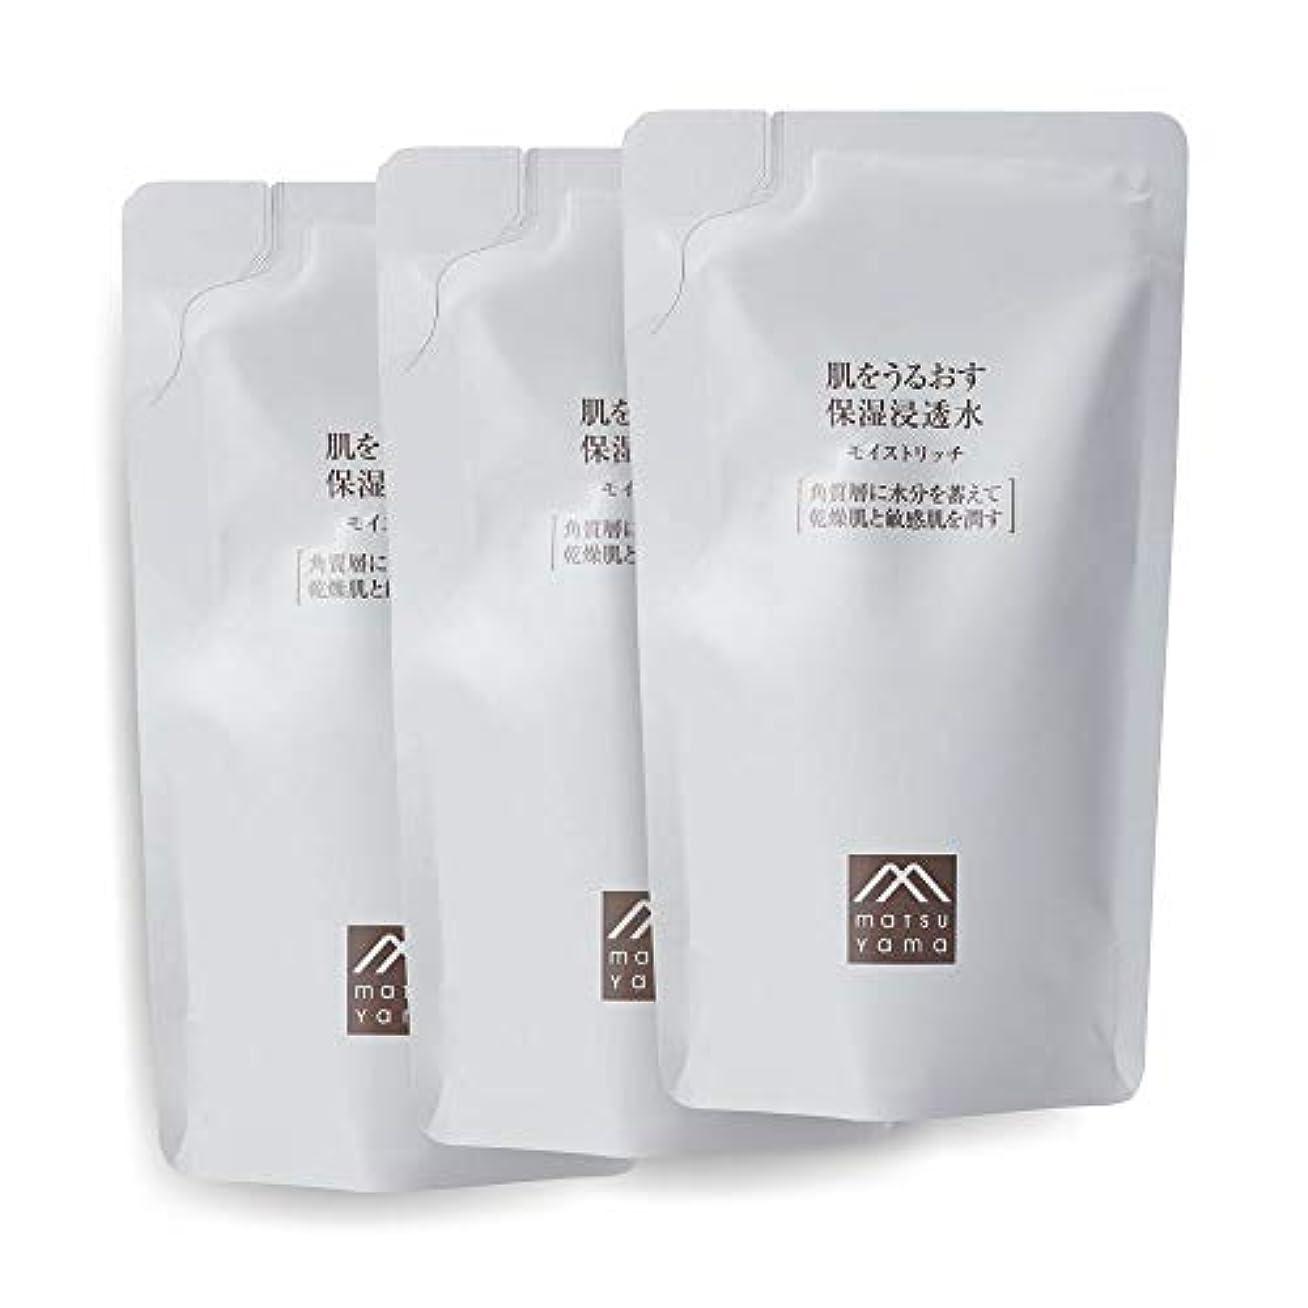 肌をうるおす保湿浸透水 モイストリッチ 詰替用(化粧水)【3個セット】